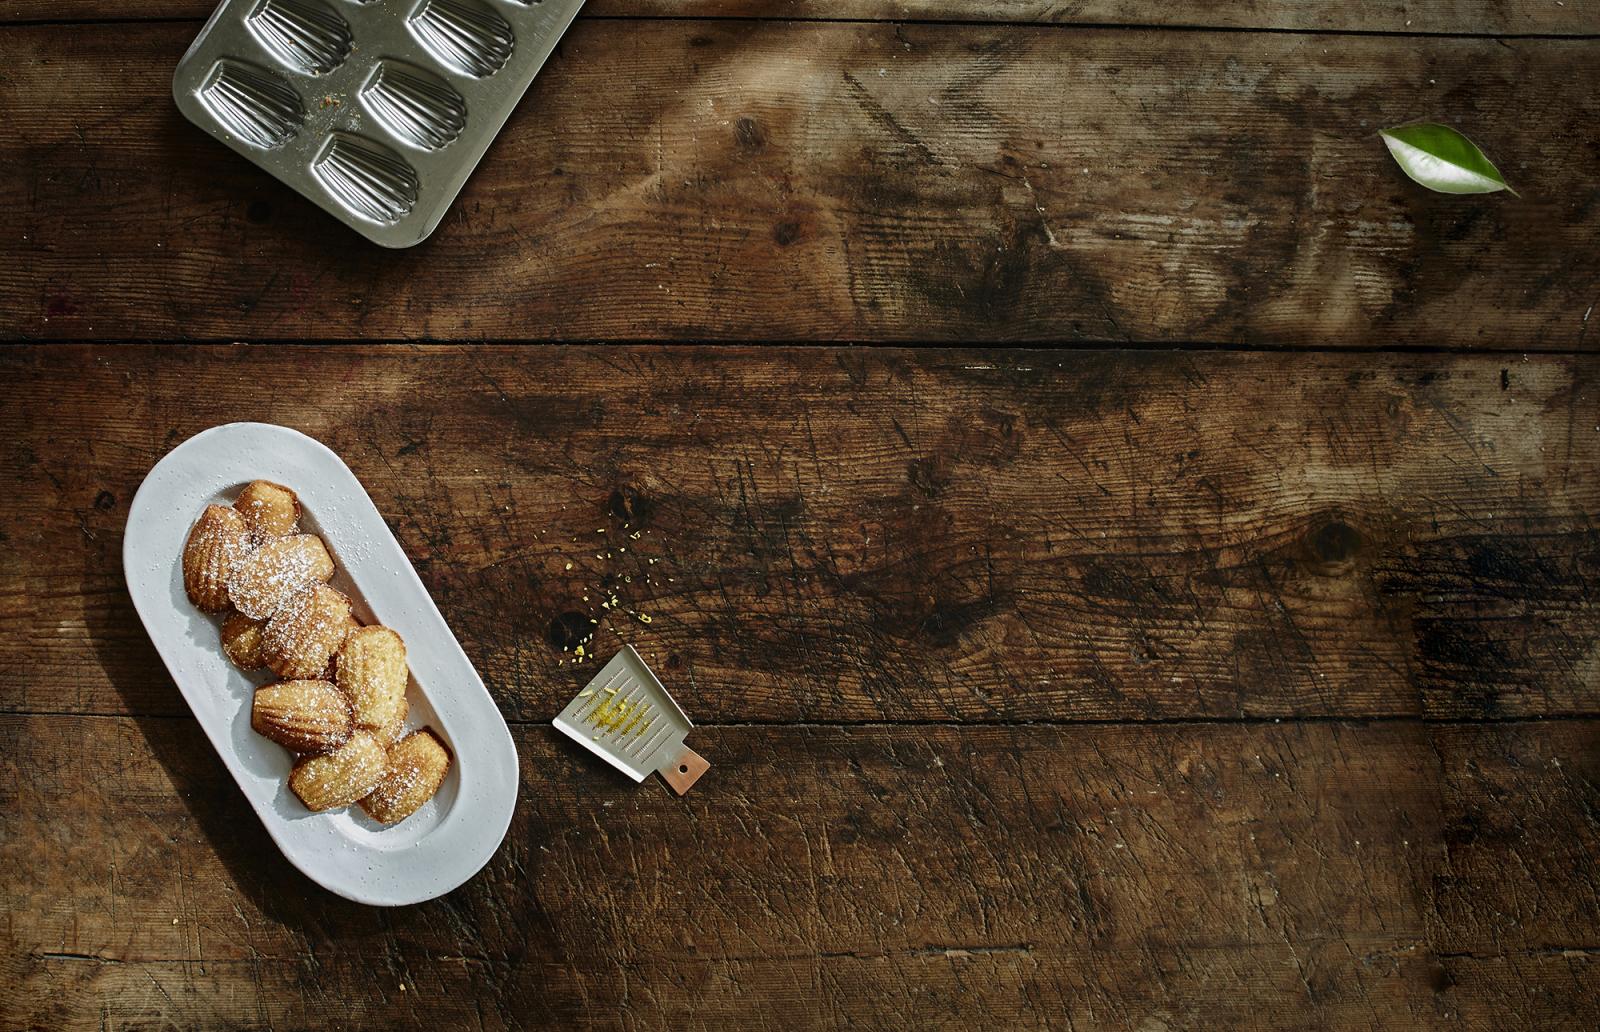 Göteborgarnas favorit-patissier & chocolatier Sylvain Marron bjuder på sitt recept för de perfekta Madeleinekakorna!